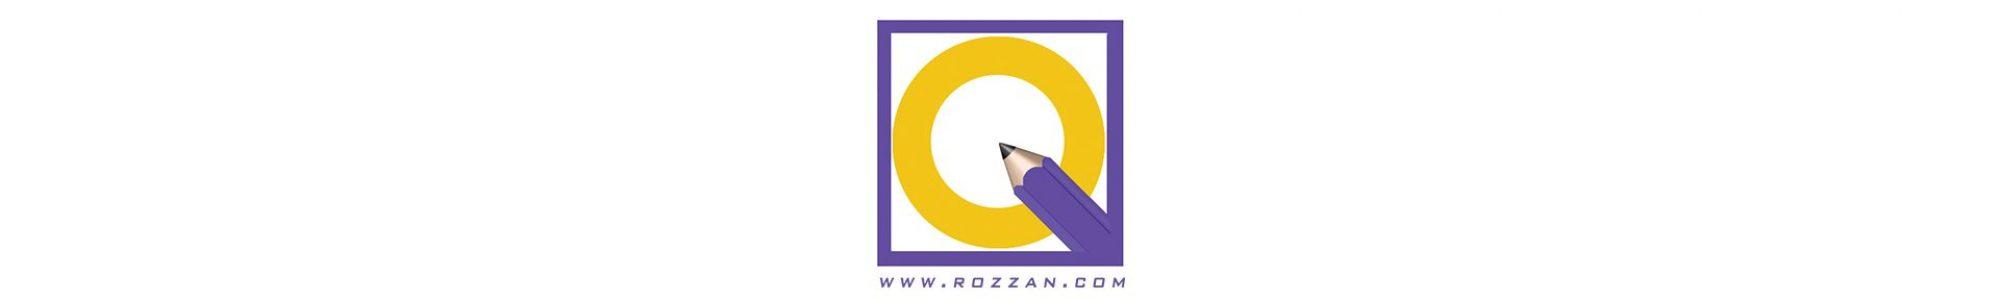 لوگو شرکت روزن